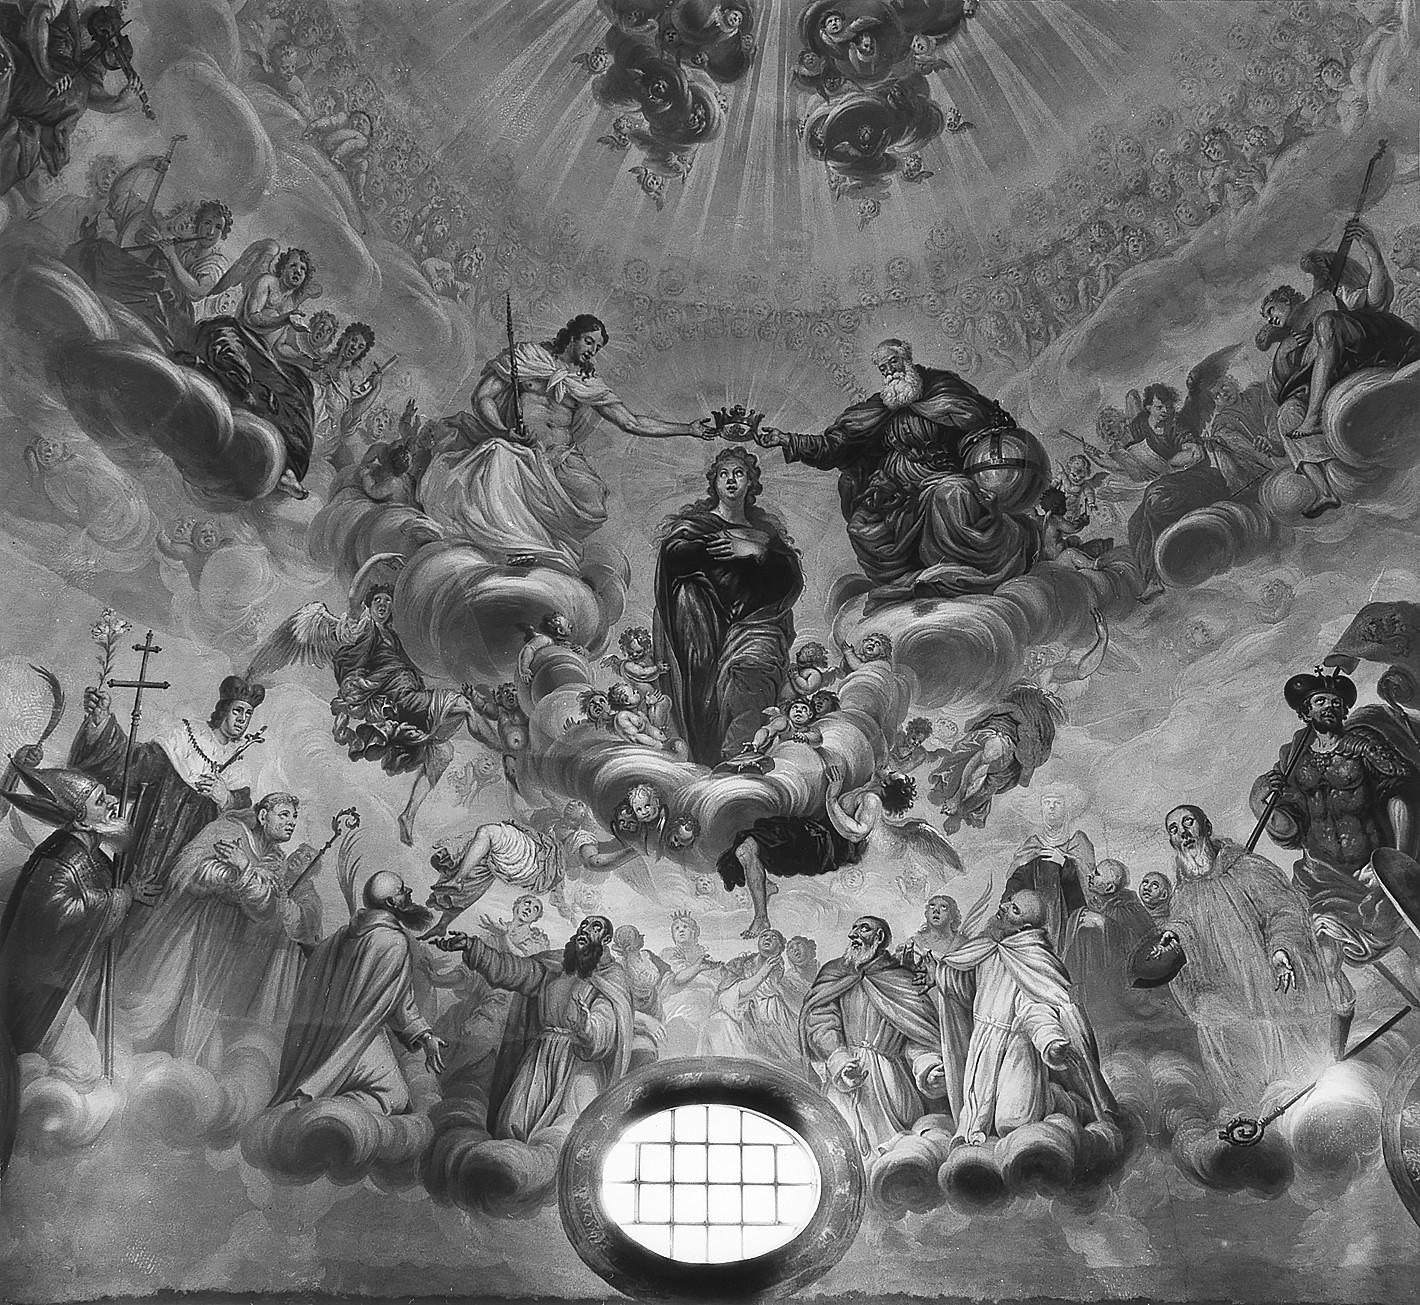 6 il. Švč. Mergelės Marijos vainikavimas danguje serafimų, cherubinų, muzikuojančių angelų ir šventųjų apsuptyje. Kupolo freska. Fot. Jonas Šaparauskas. 1988 m.